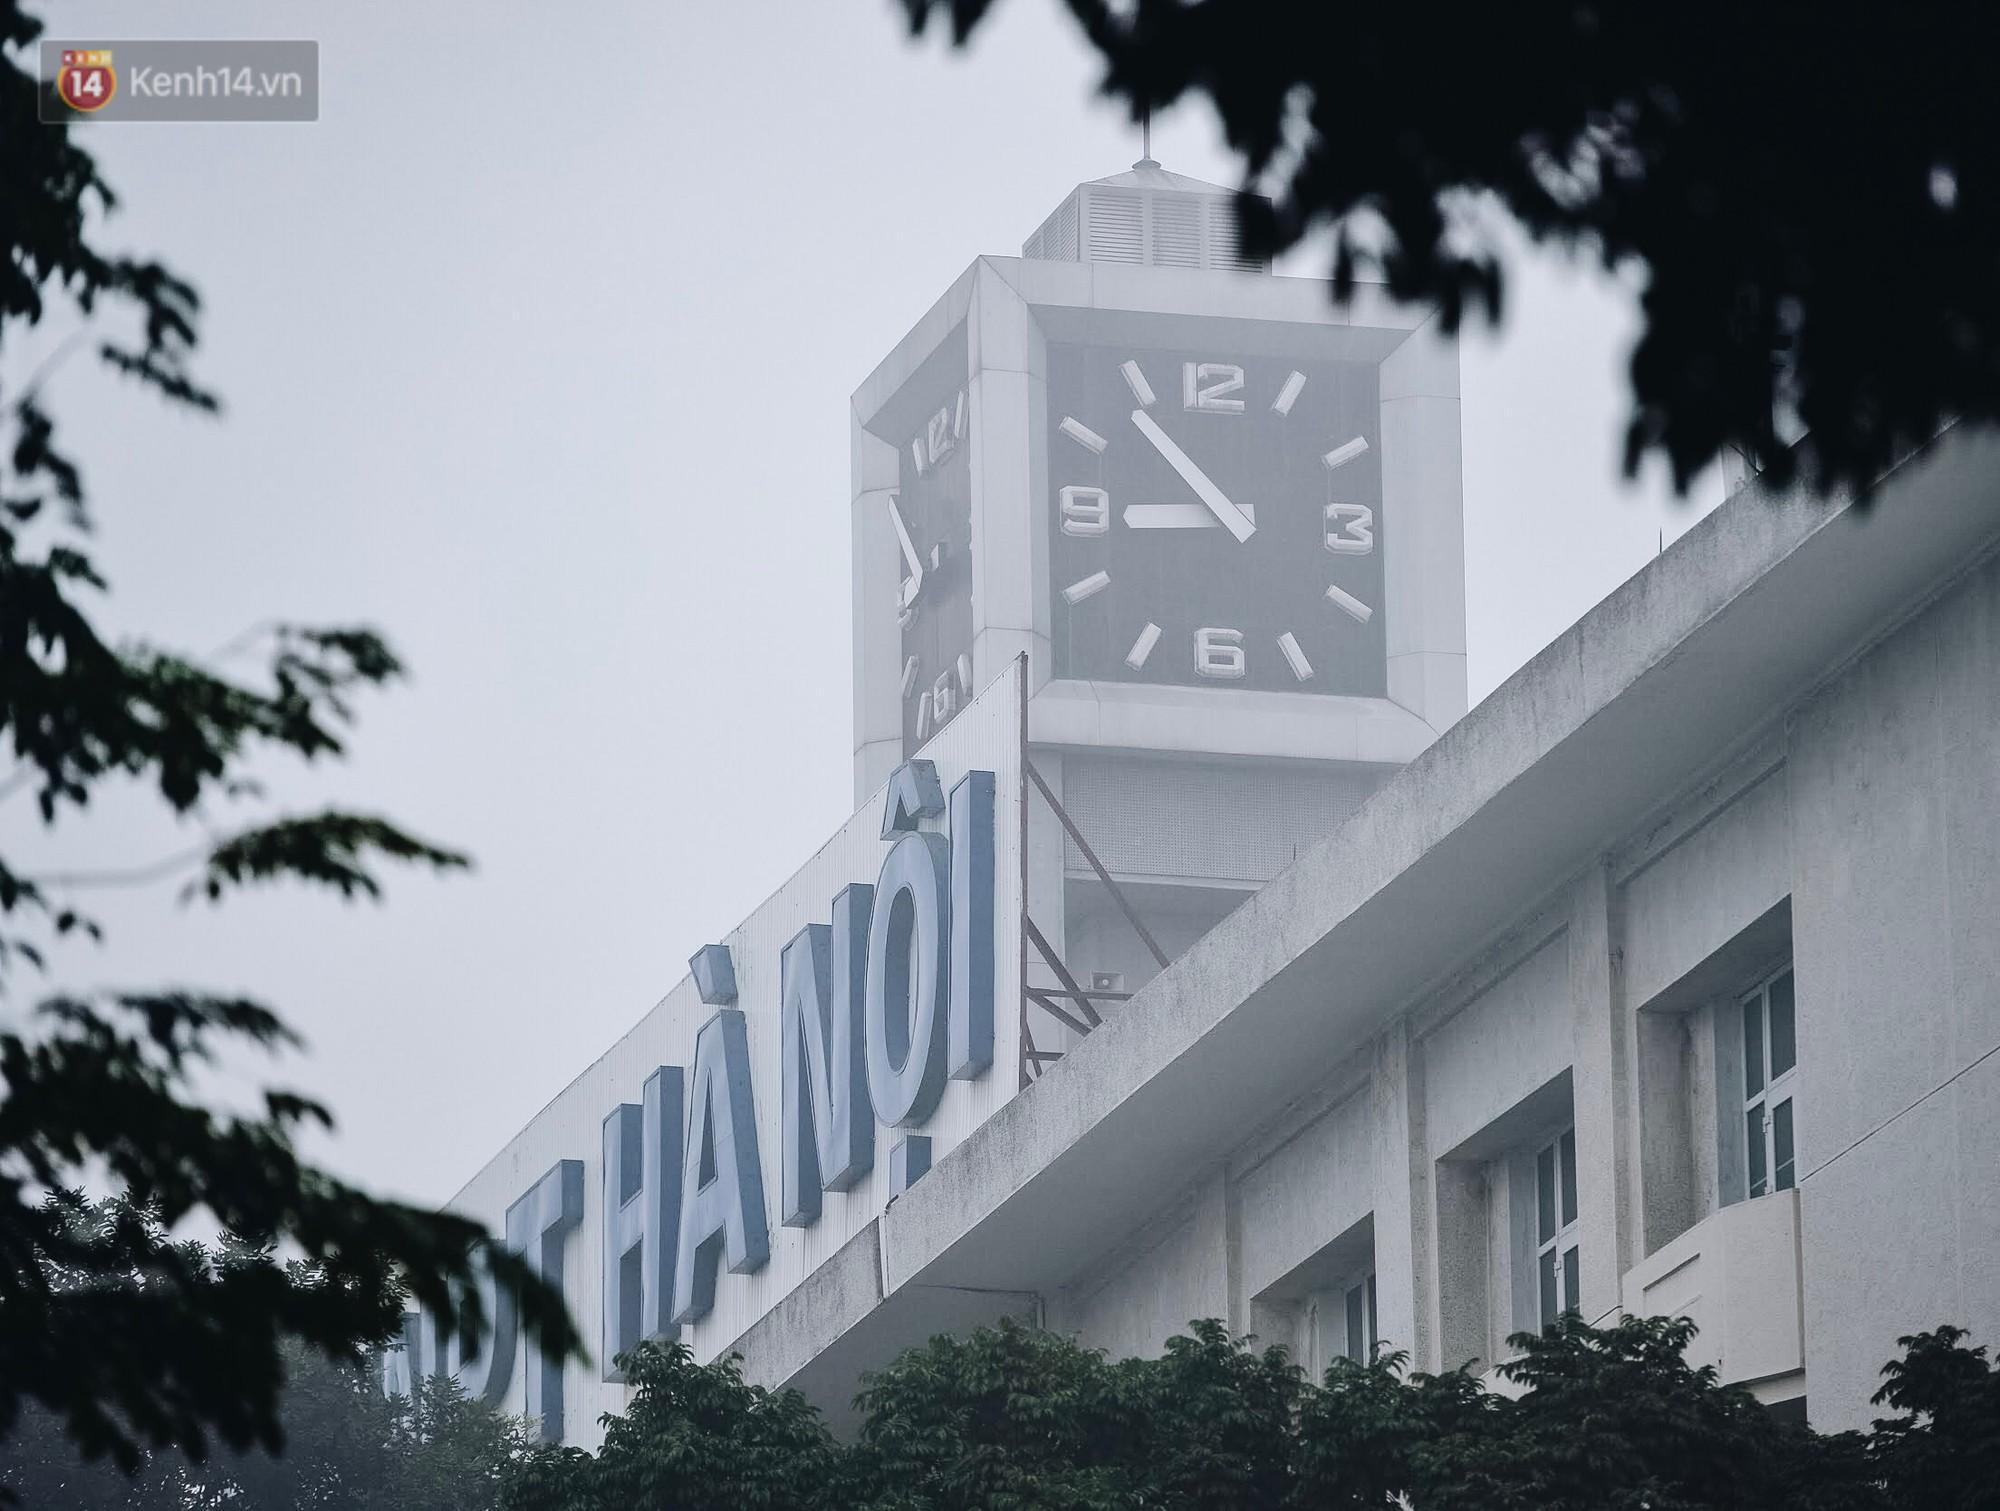 Chùm ảnh: Sáng cuối tuần, sương mù dày đặc phủ kín Hà Nội khiến người dân ngỡ như đang ở Sapa - Ảnh 16.